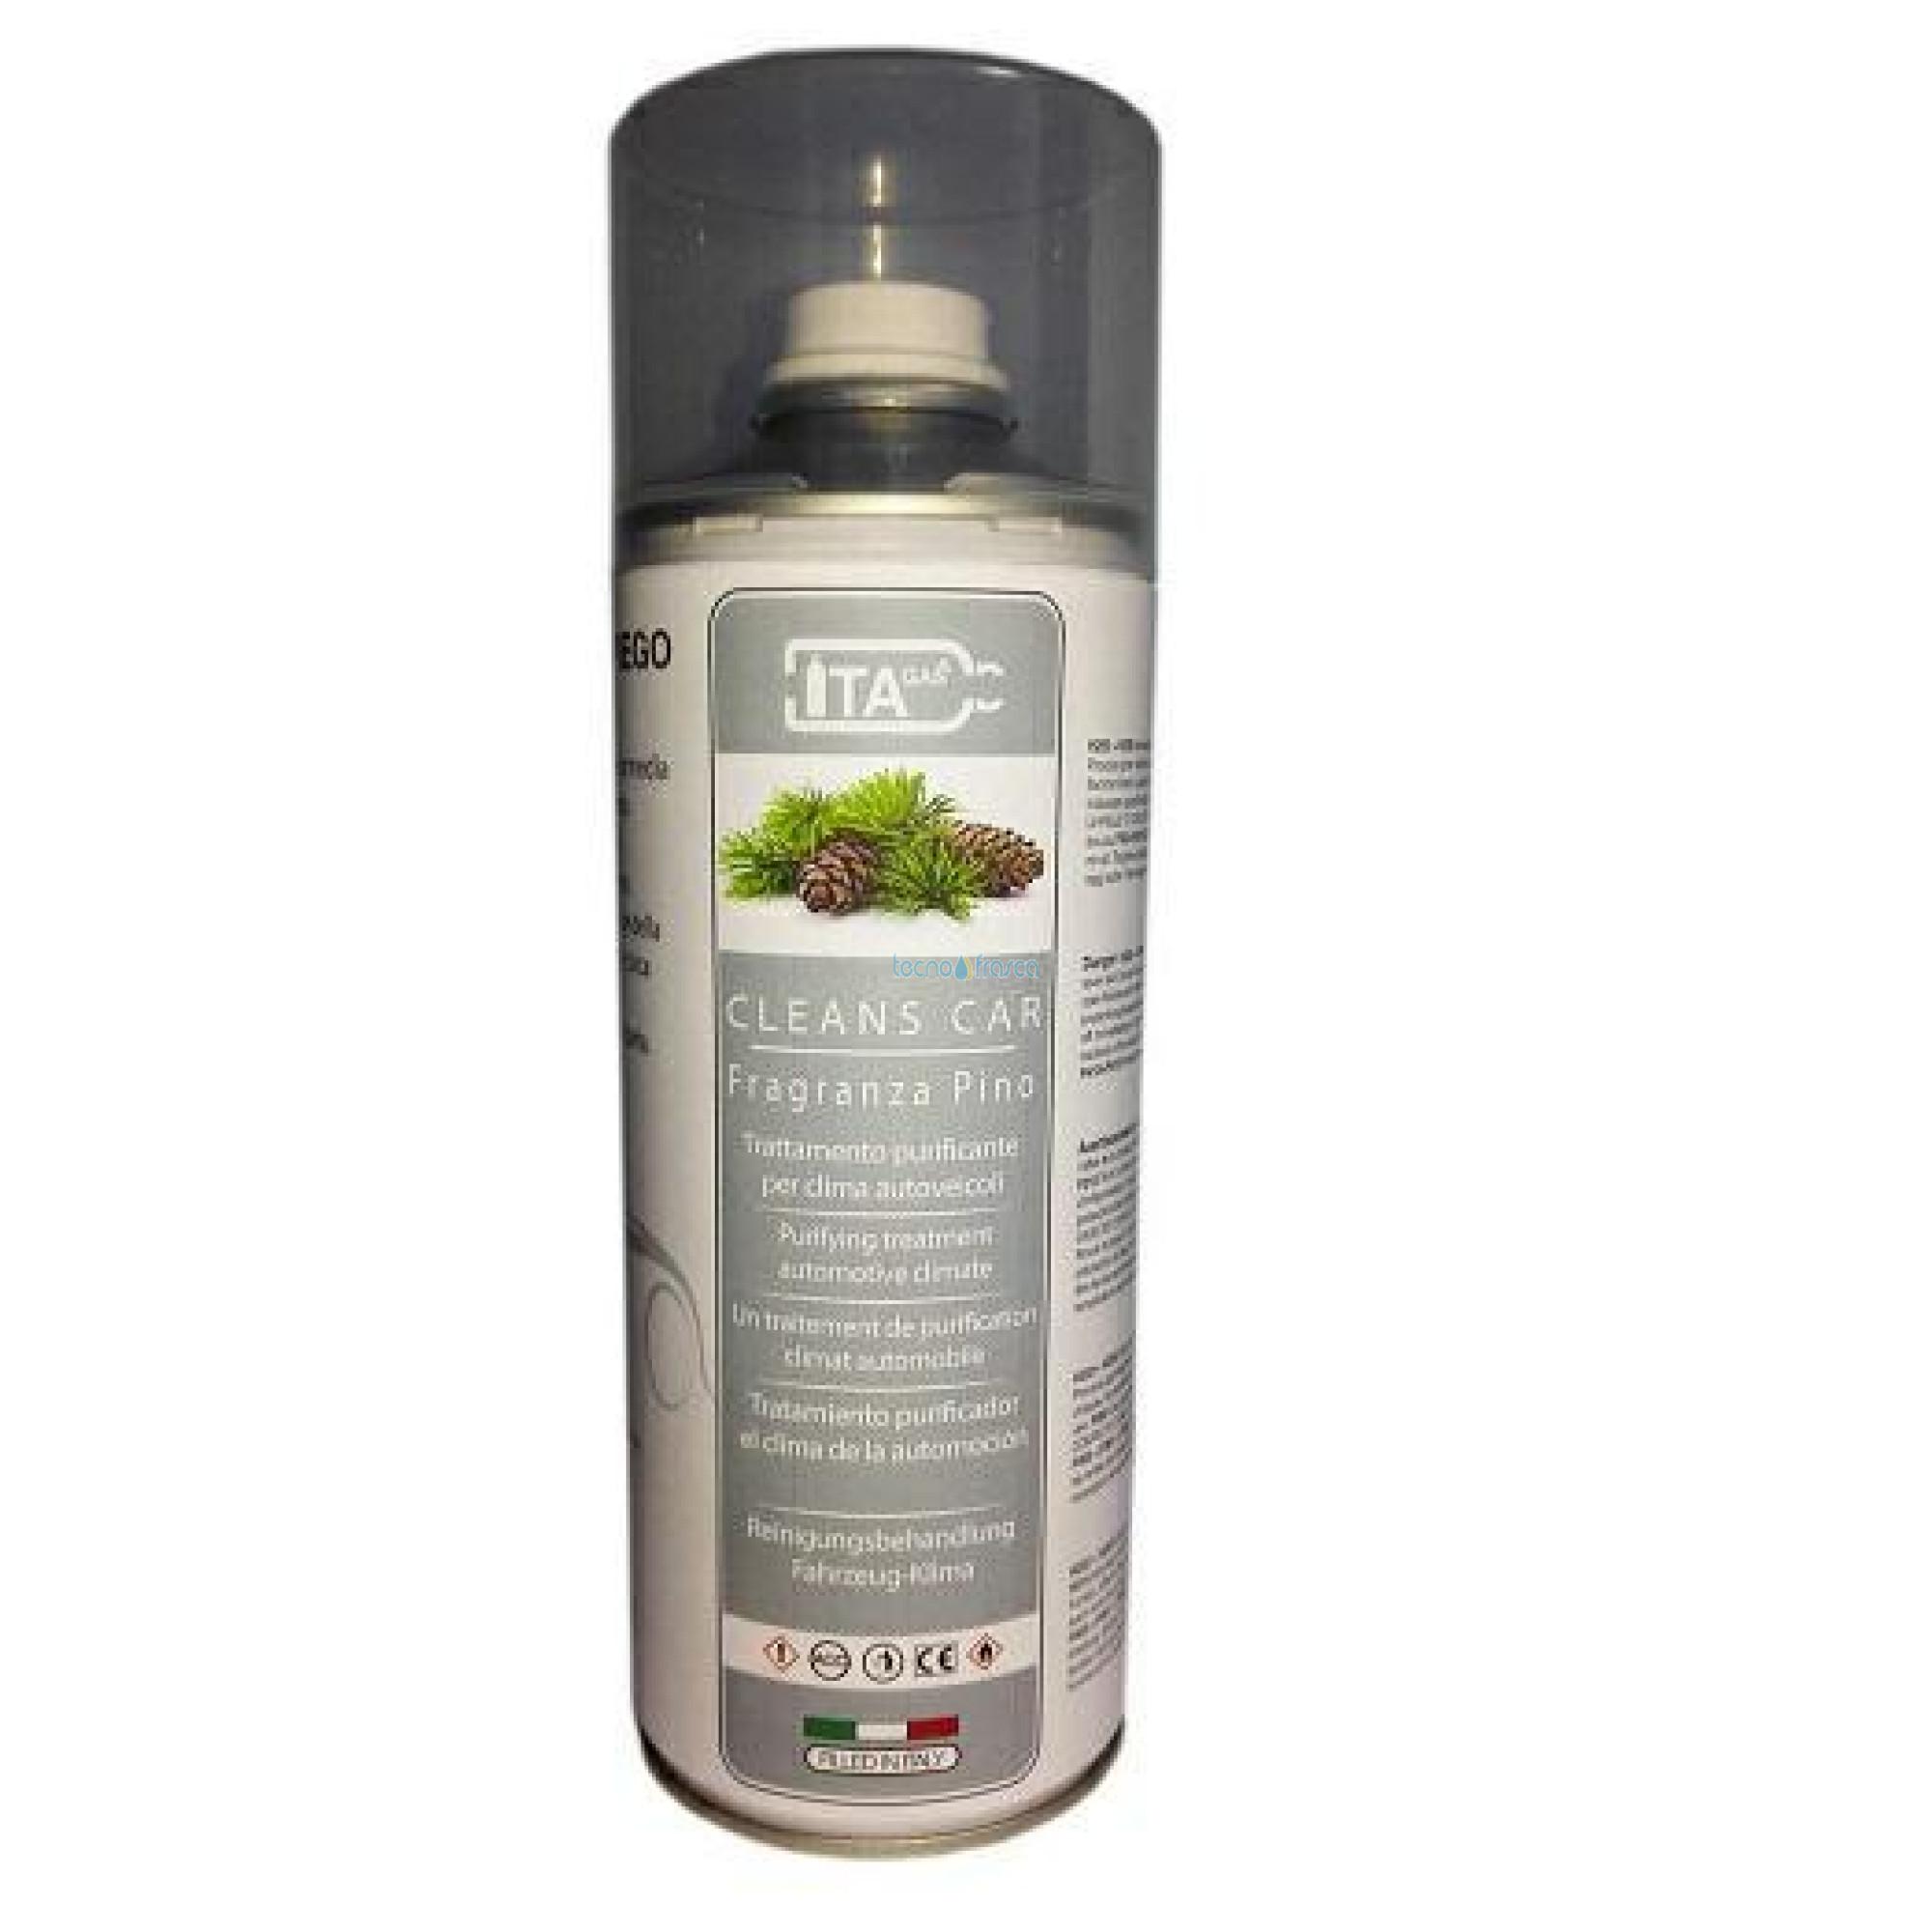 Deodorante cleaner pino igienizzante per climatizzatori e auto 400ml